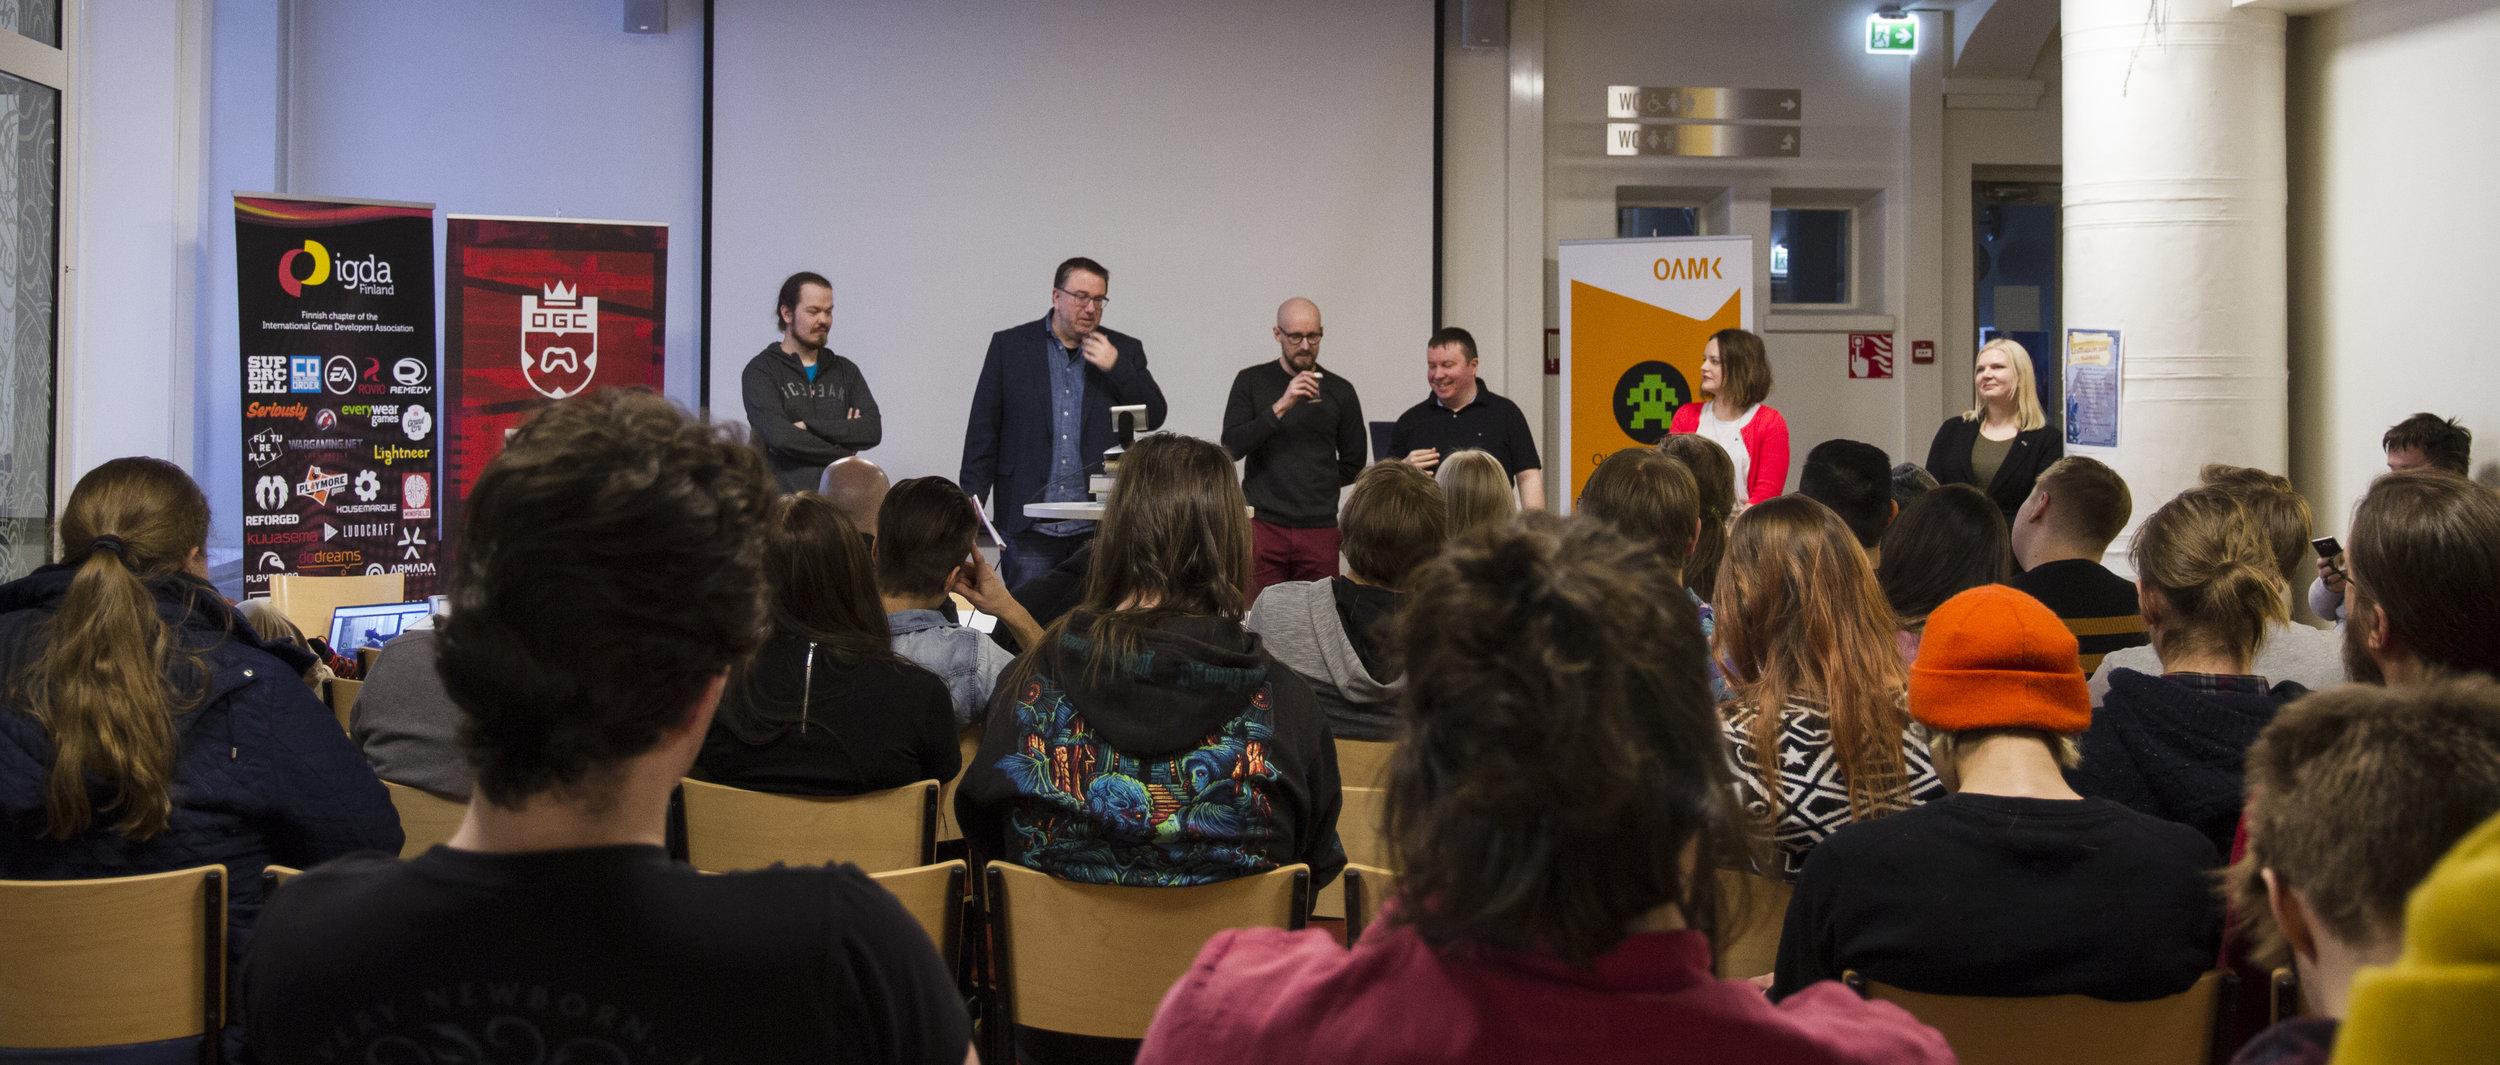 Judges from left to right: Ilpo Alatalo, Henrik Jonsson, Tuomas Soukka, Petri Paananen, and Anne Ryynänen